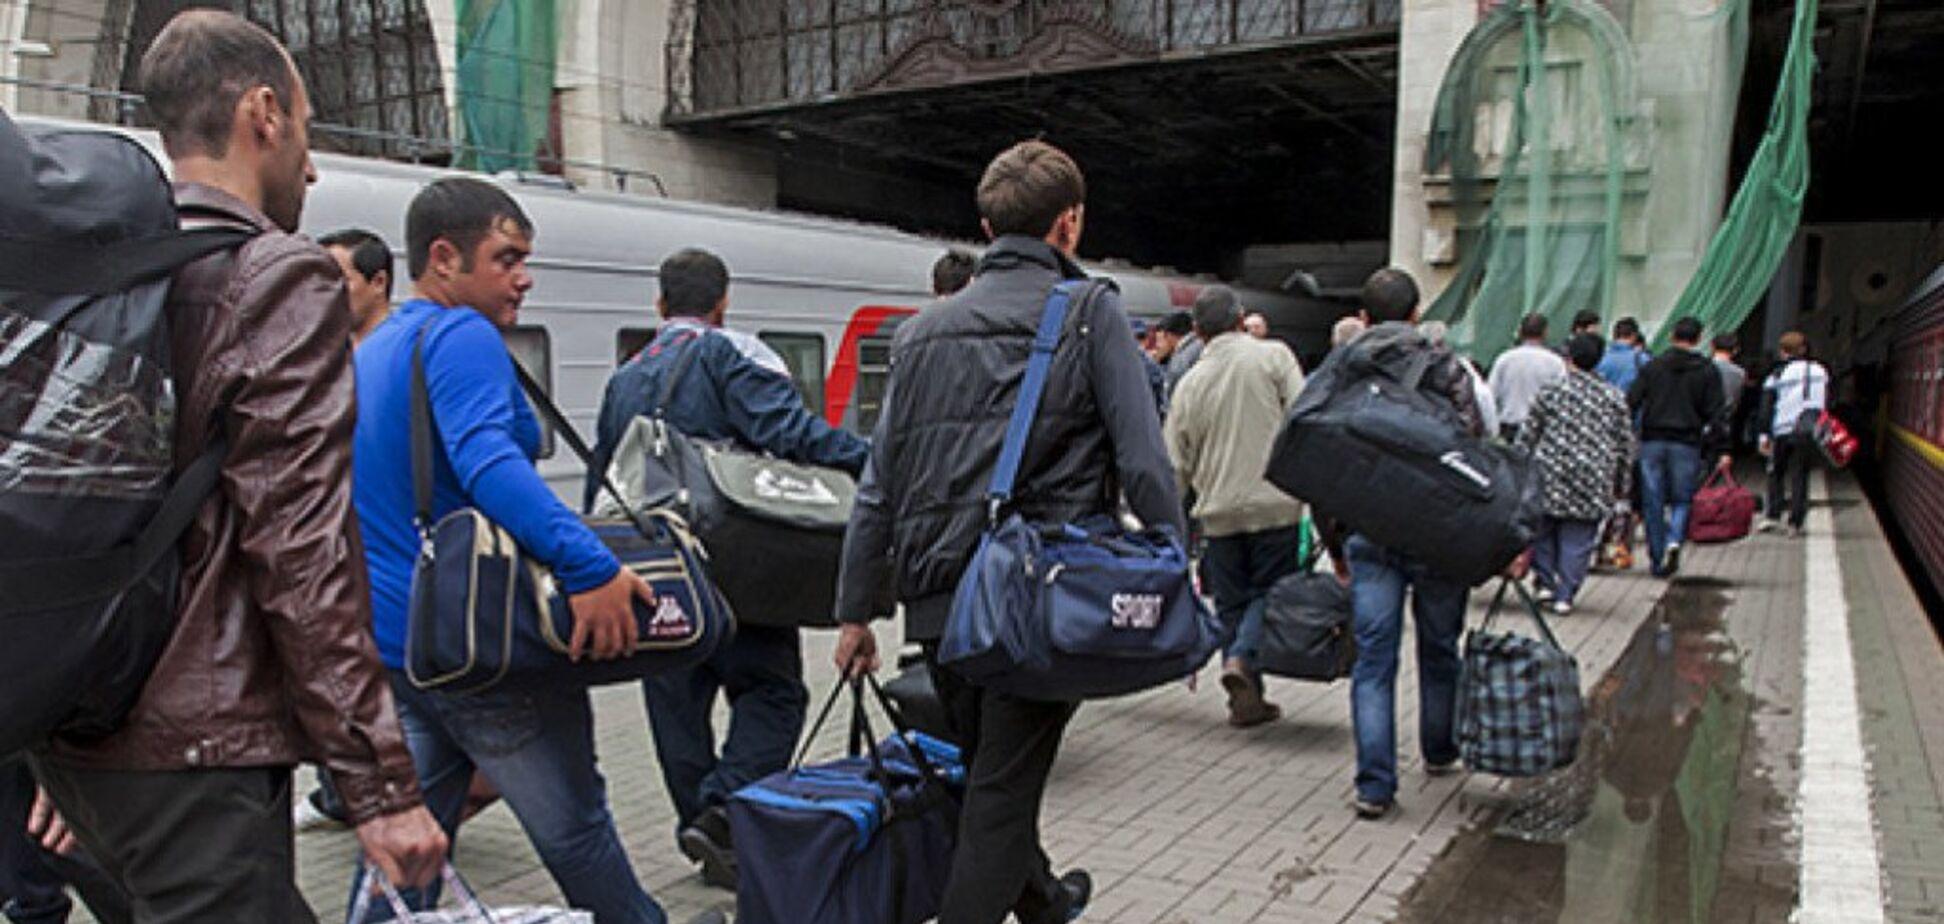 Работа за рубежом: украинцам рассказали, что их ждет в Европе